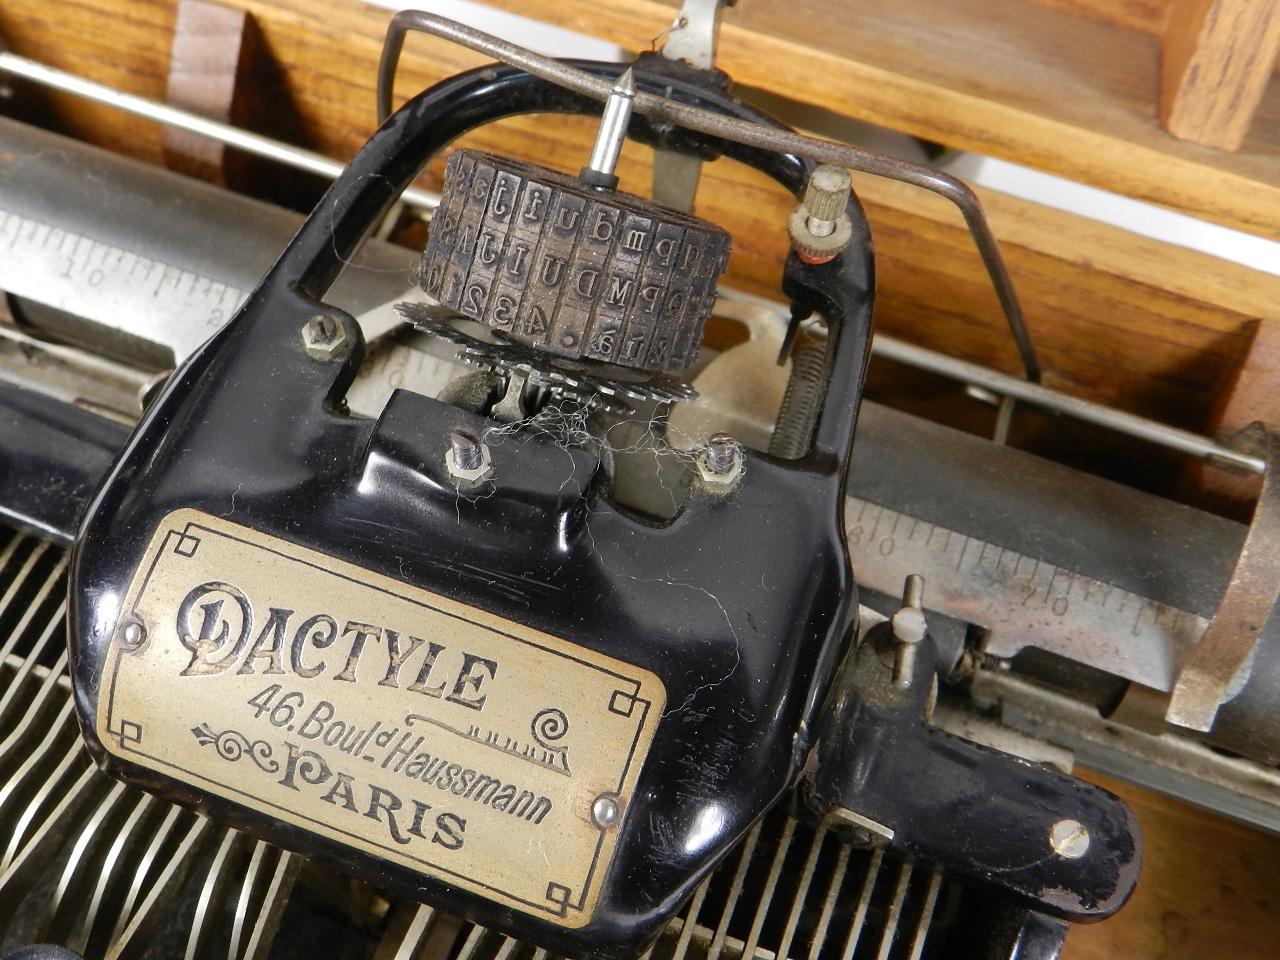 Imagen DACTYLE Nº5 AÑO 1895 31825